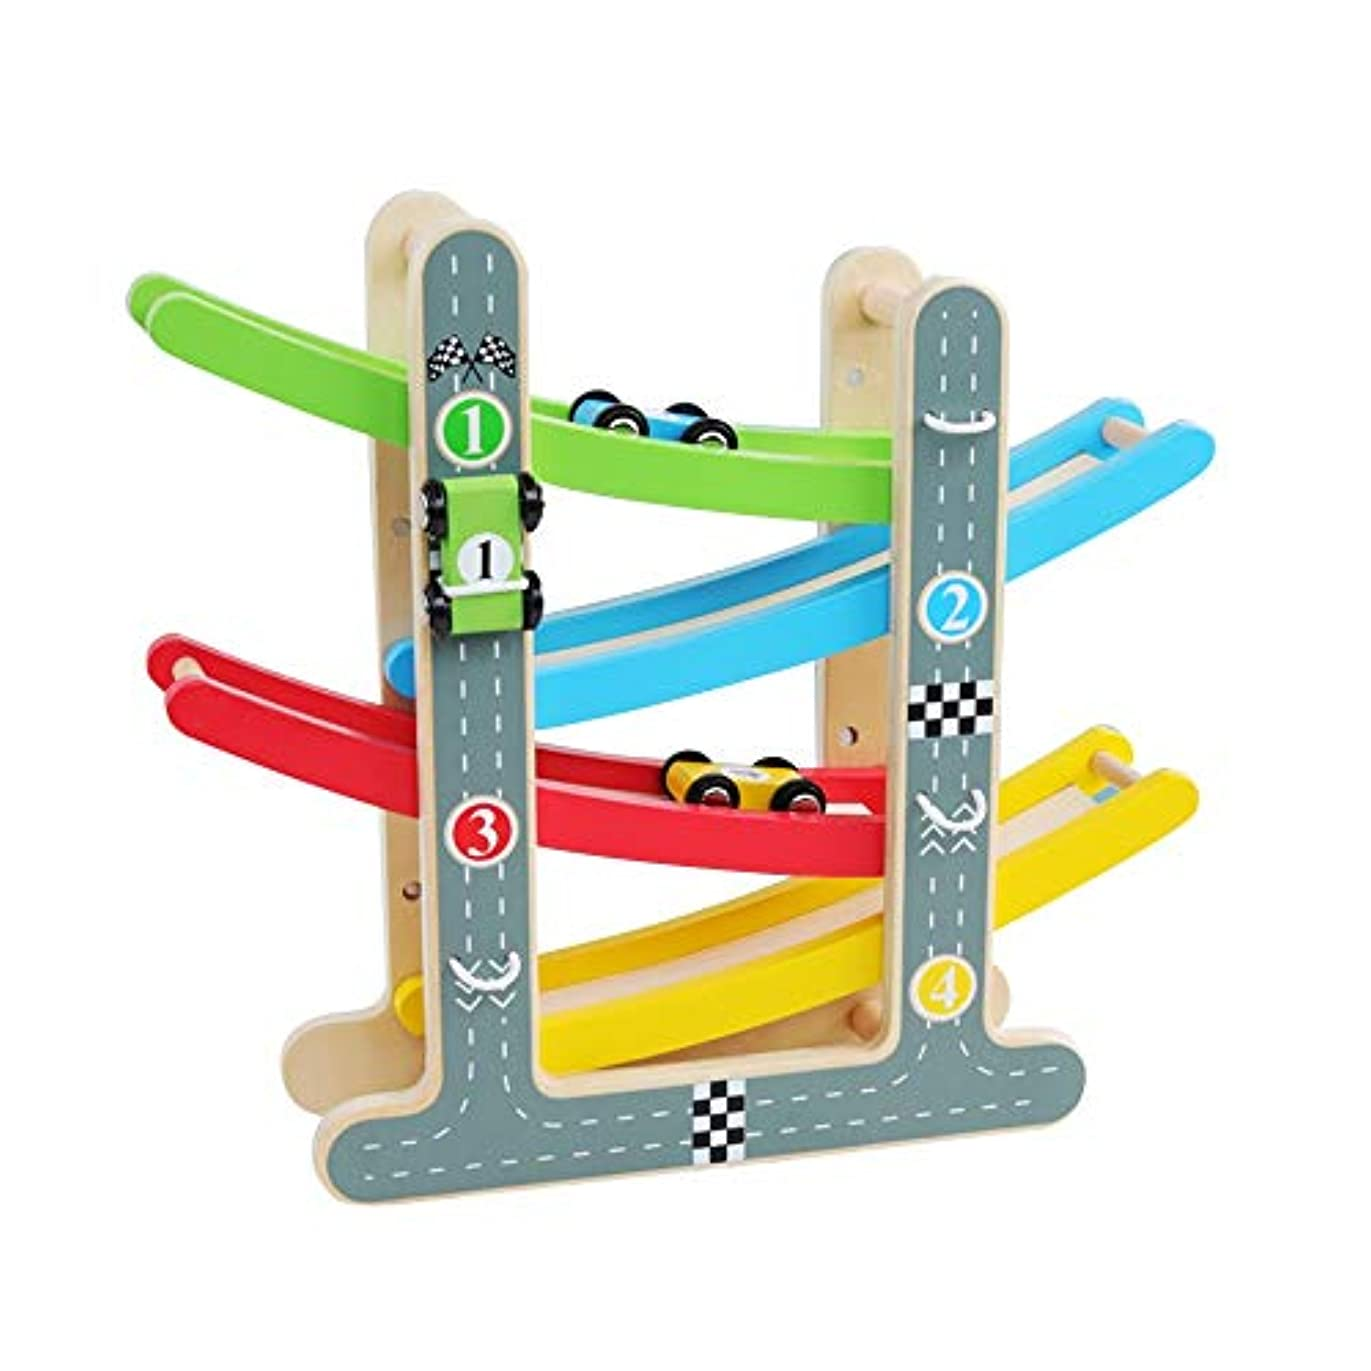 老朽化したチューインガム穴Xyanzi 子どもおもちゃ 幼児のおもちゃレーストラック、4台のミニカーとランプレーサーゲーム初期開発車両プレイセット玩具(サイズ:8.86